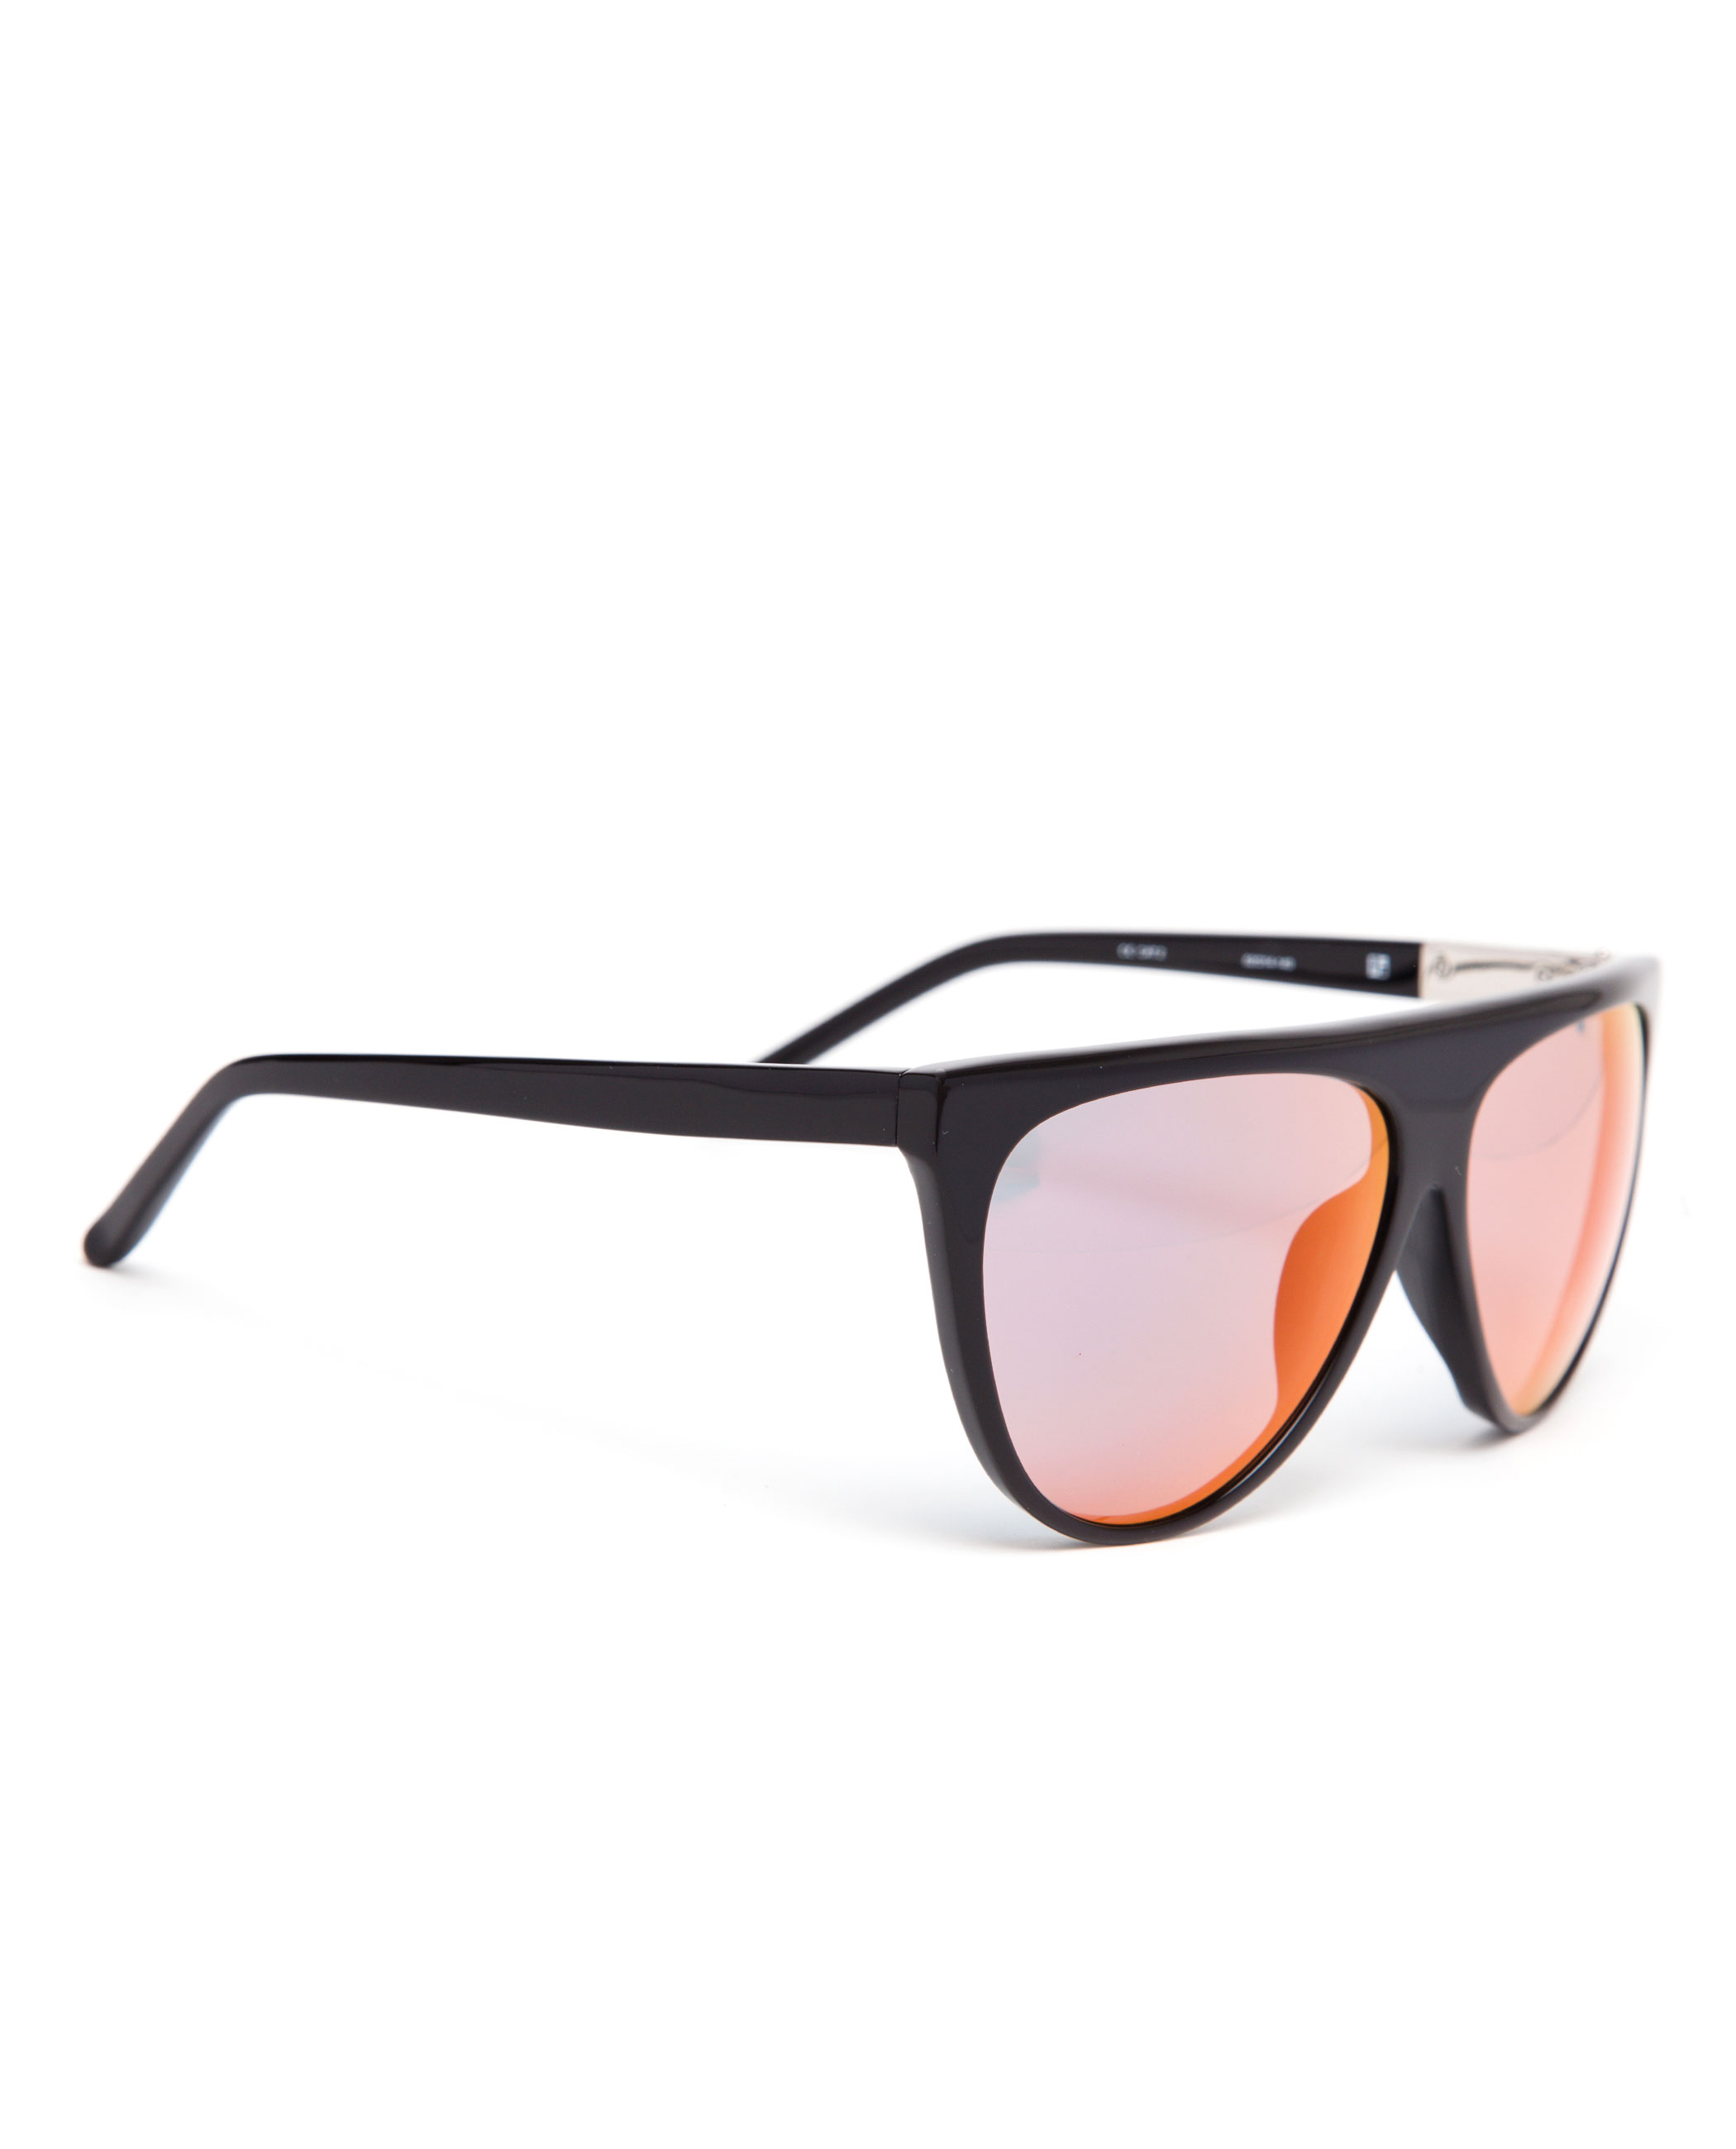 3.1 phillip lim Sunset Mirrored Acetate Sunglasses in ...